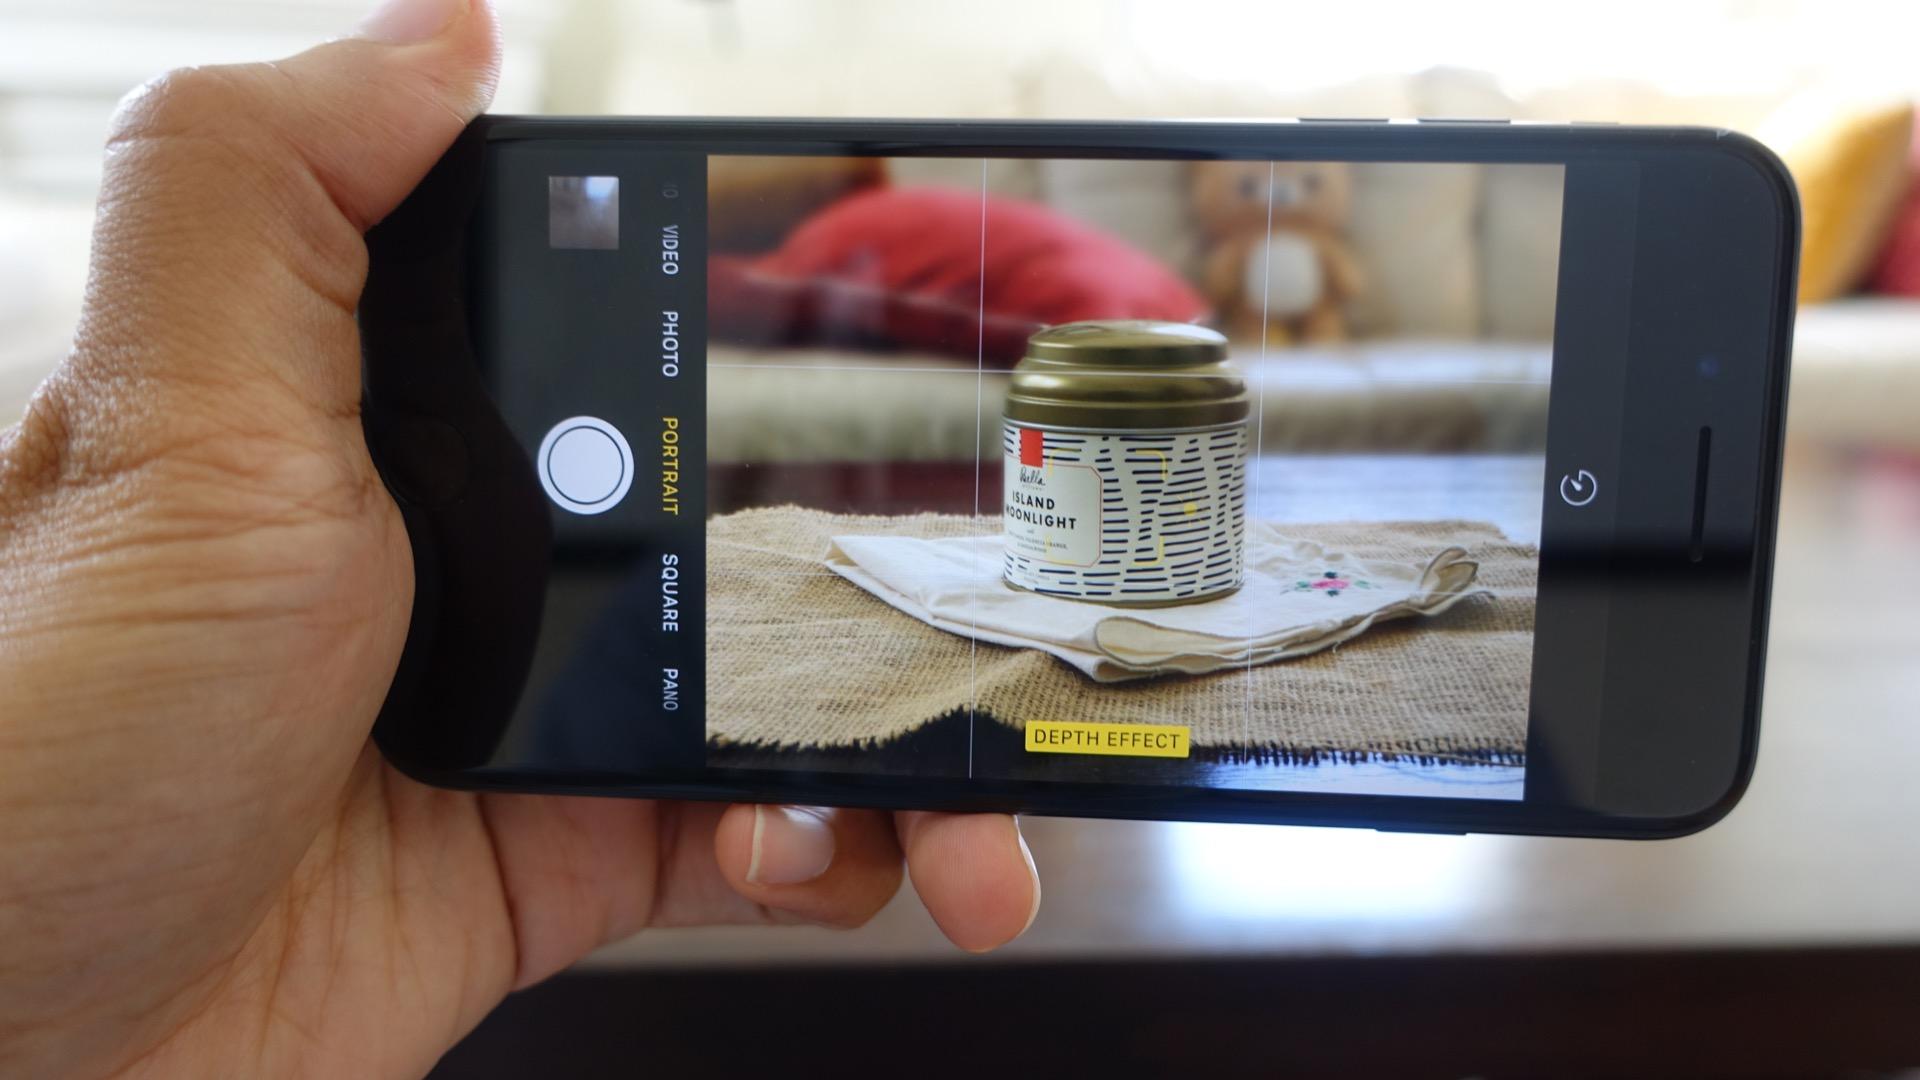 iphone-7-plus-portrait-mode-10-1-beta